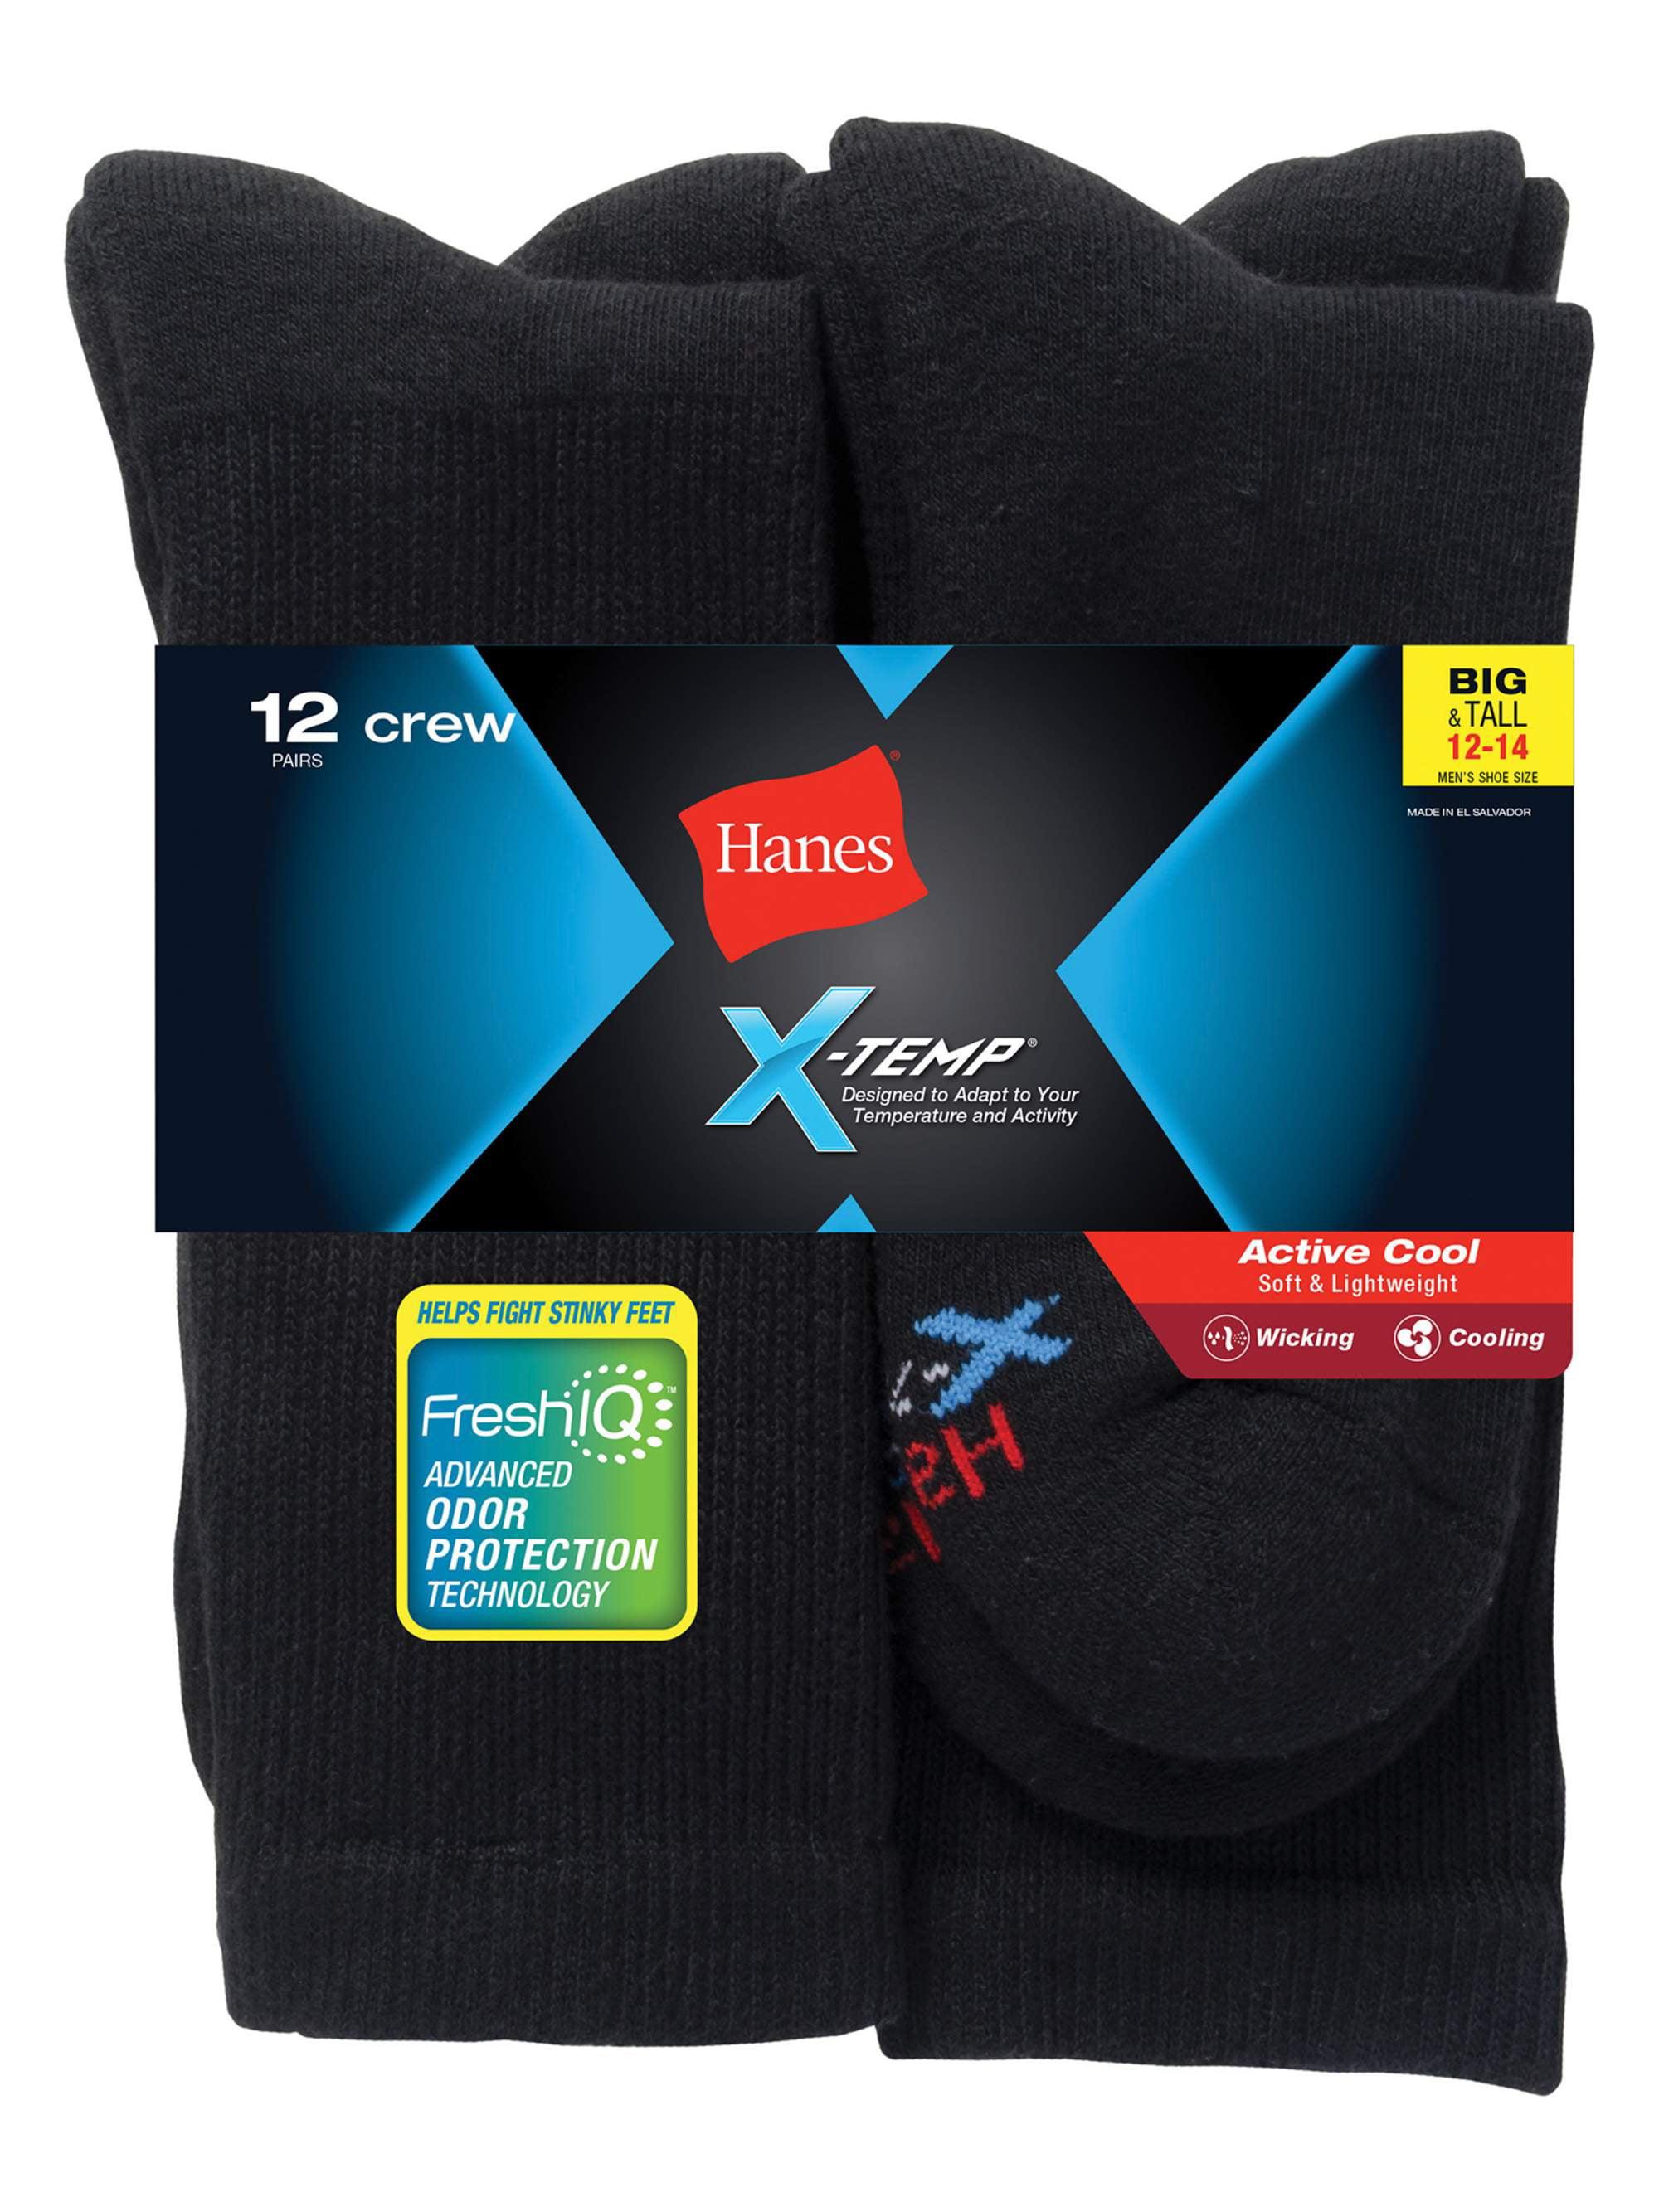 Men's Big & Tall X-Temp Crew Socks 12 Pack